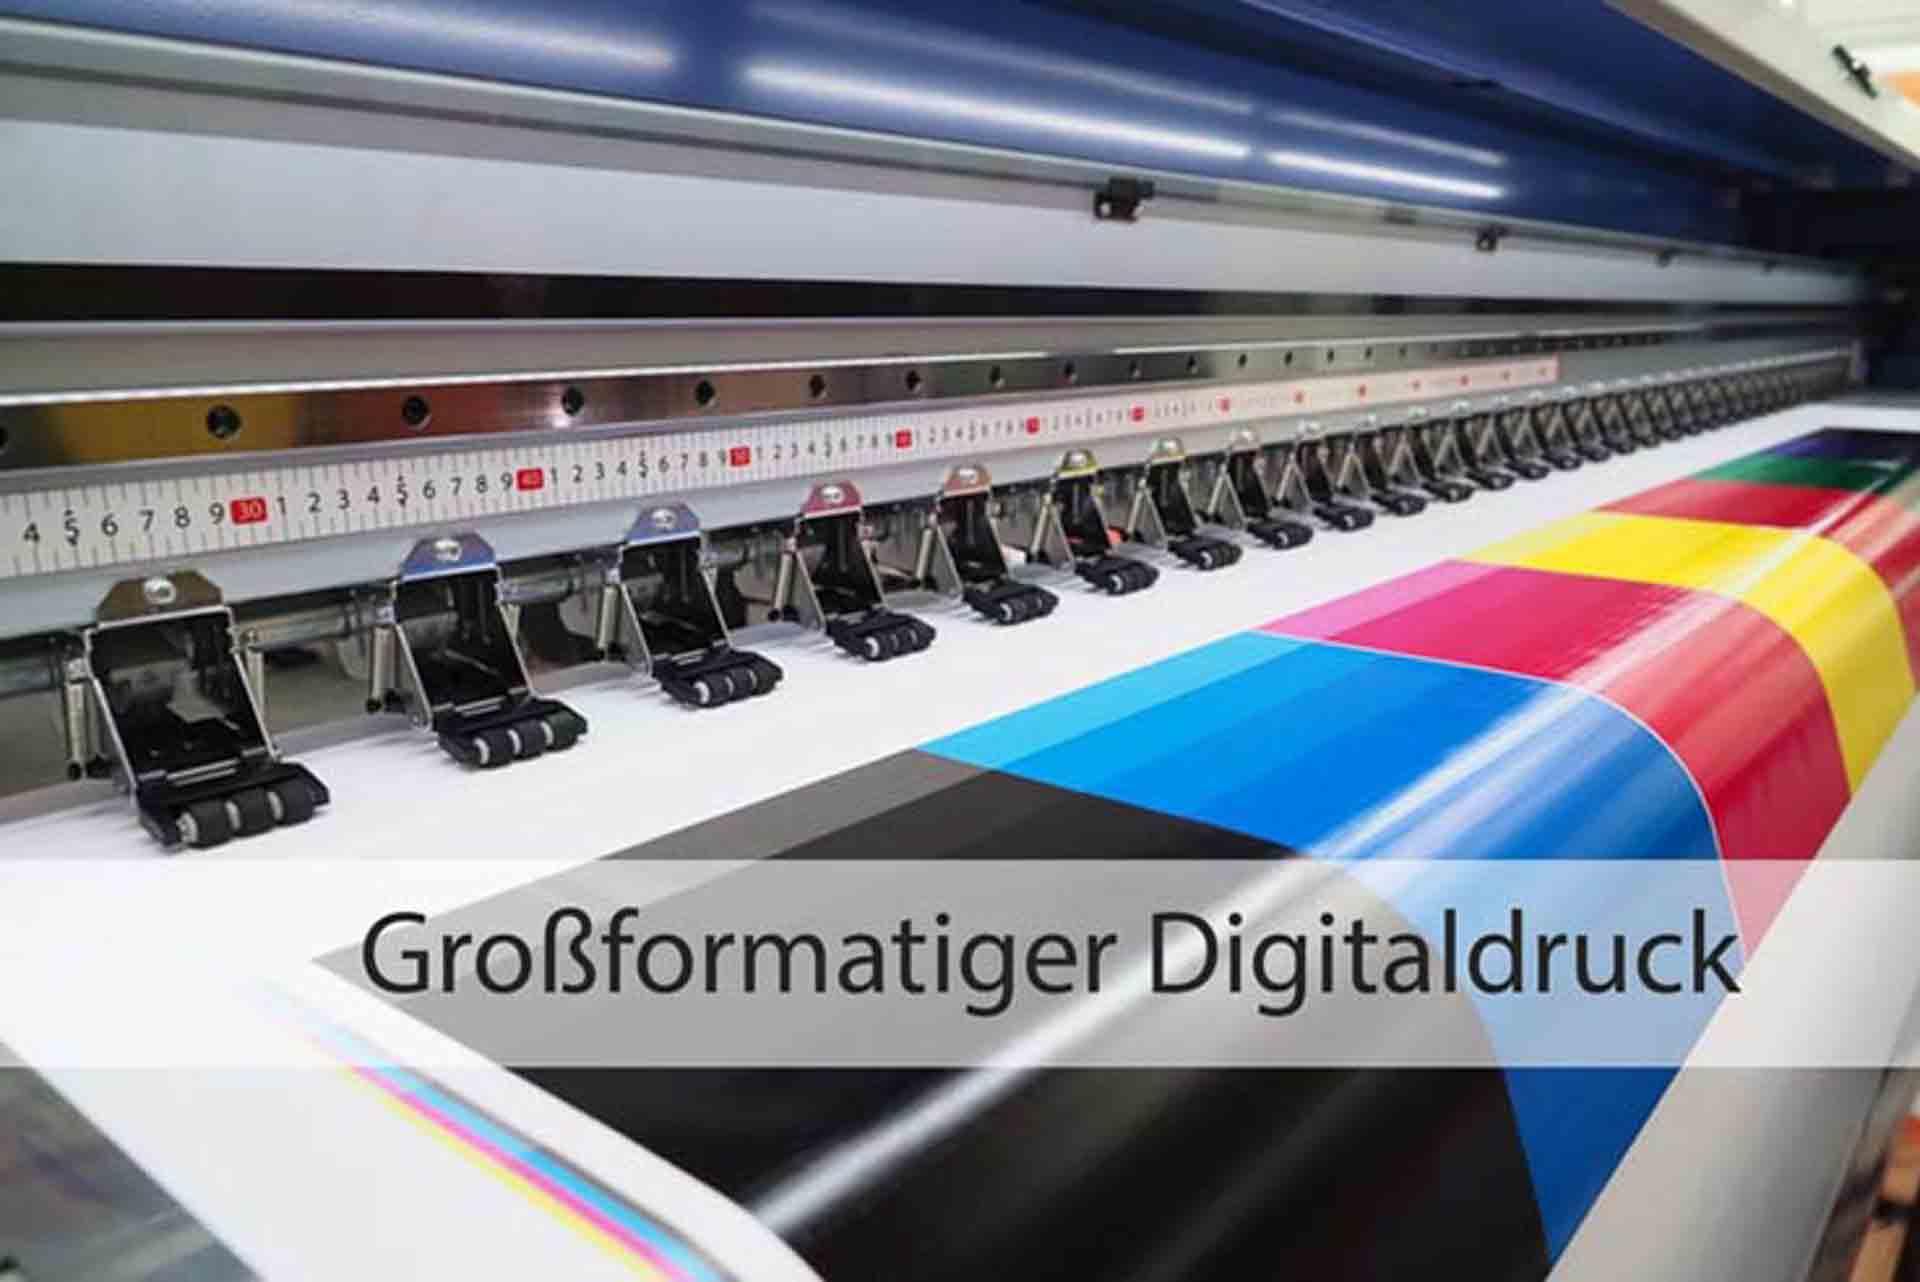 Großformatiger Digitaldruck | Papier-Schäfer GmbH